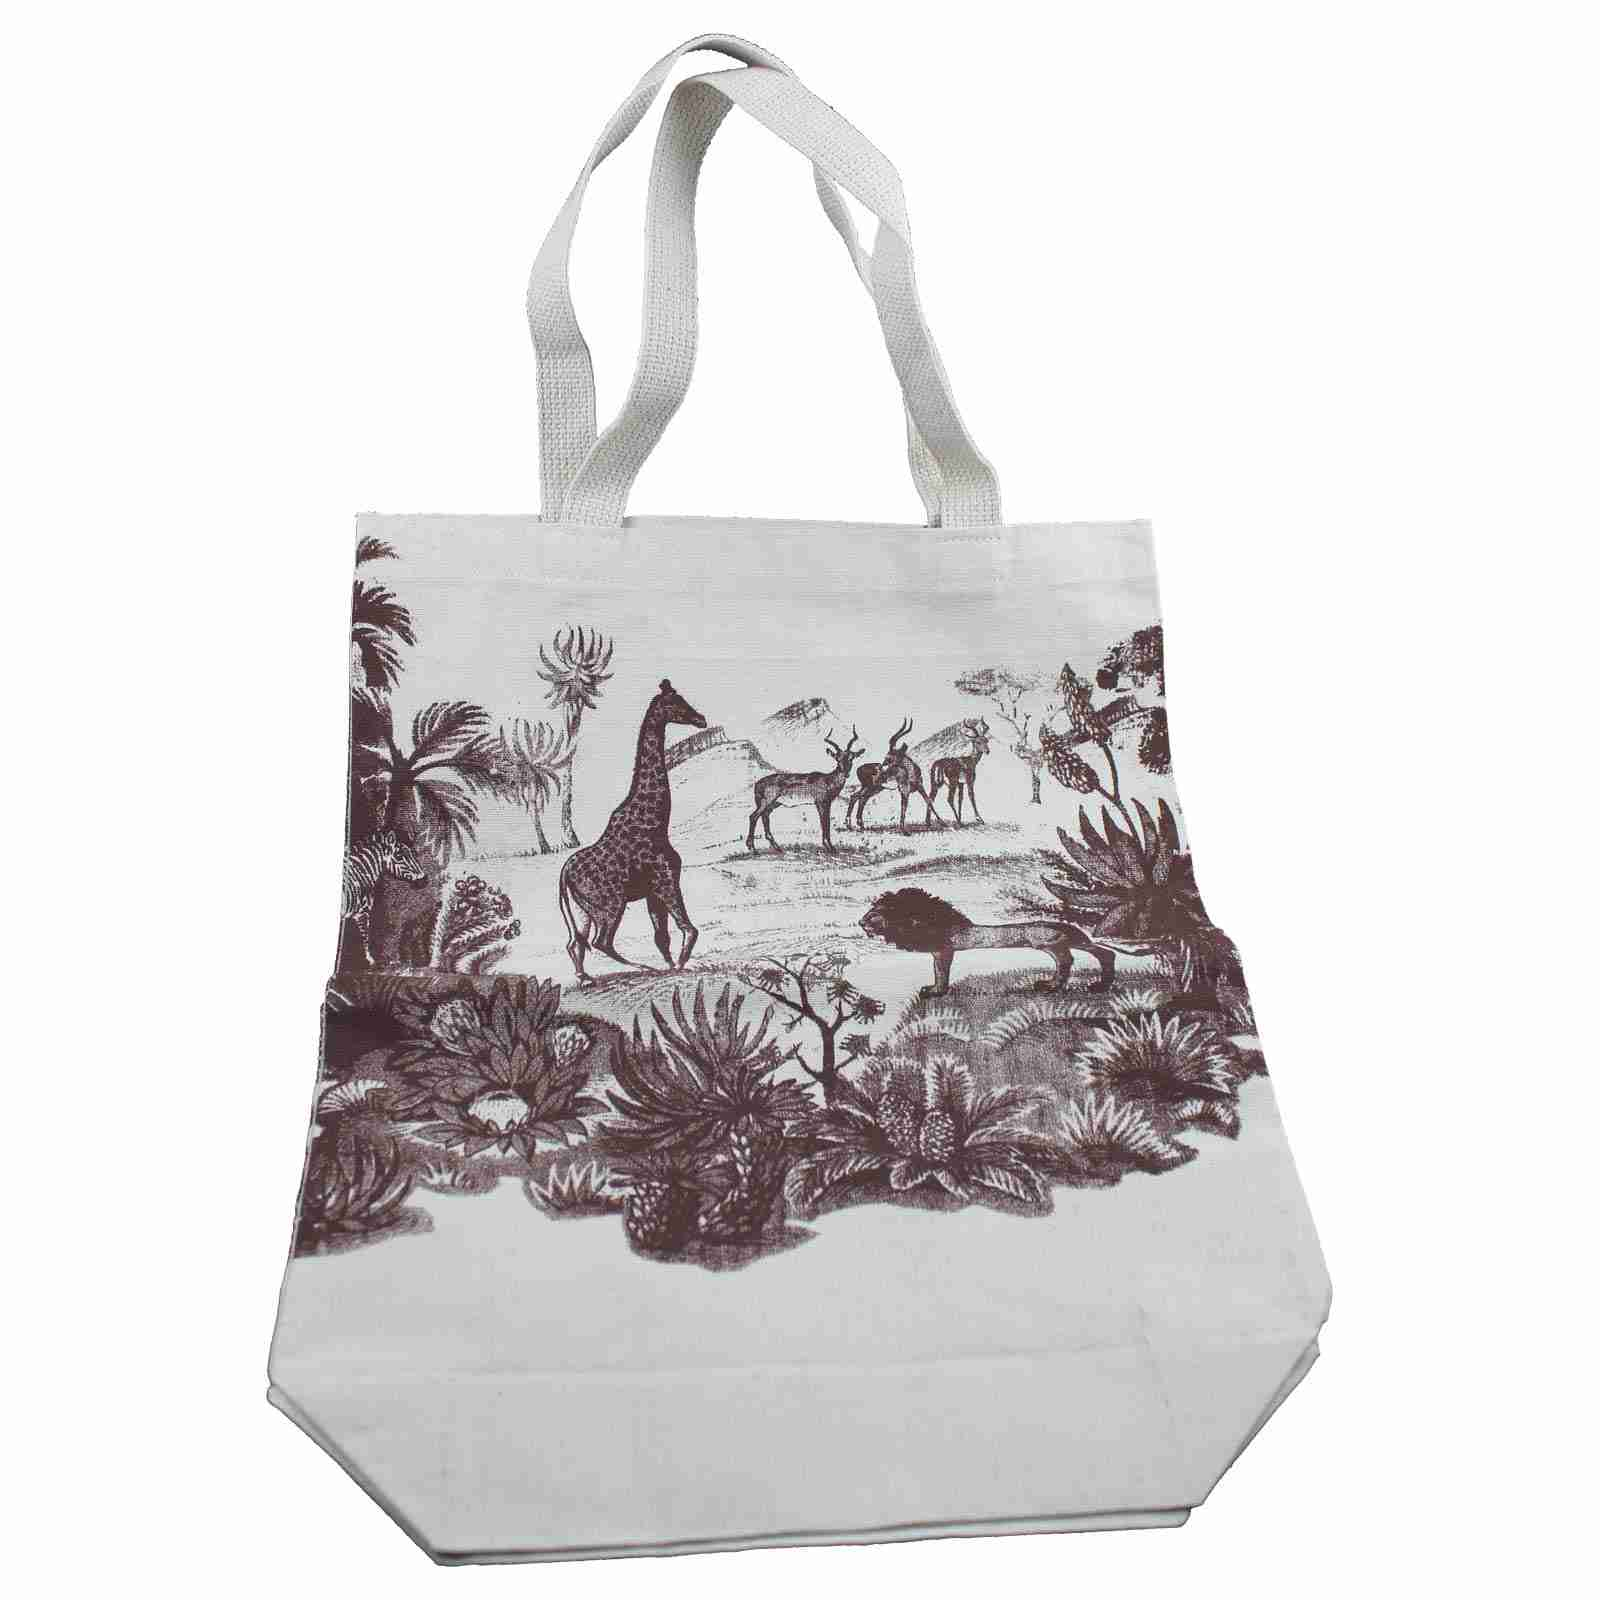 69102851cf Organic Handmade Canvas Tote Bag - Safari Design